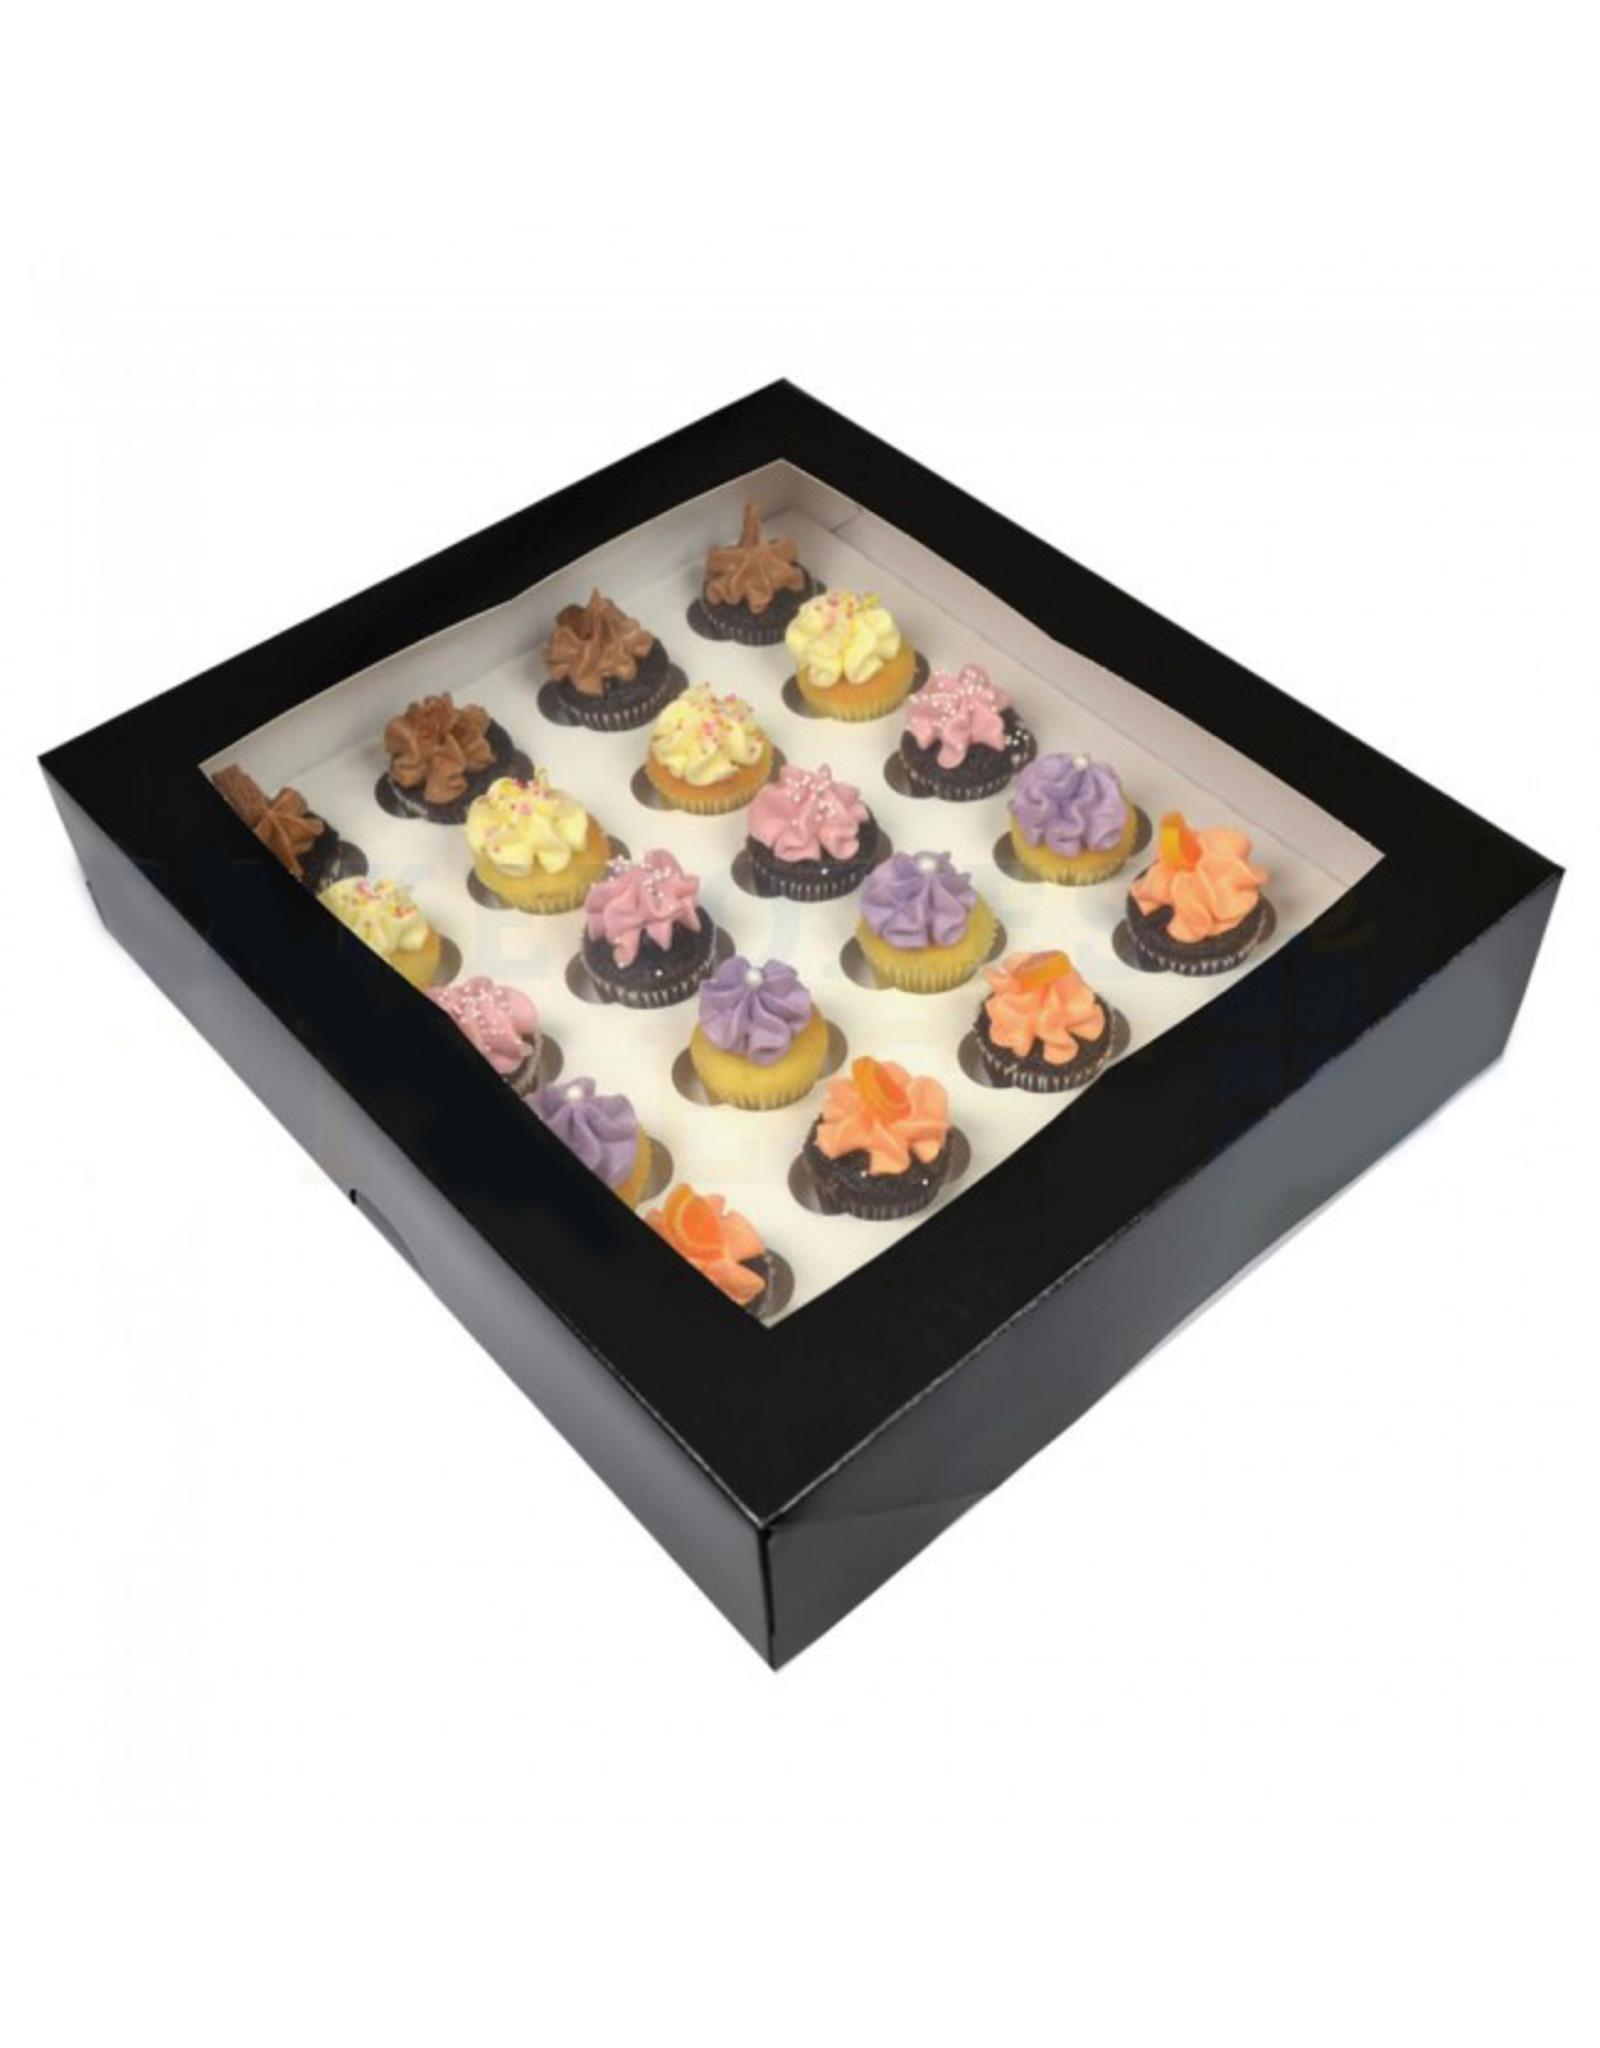 Zwarte doos voor 24 minicupcakes (per 25 stuks)